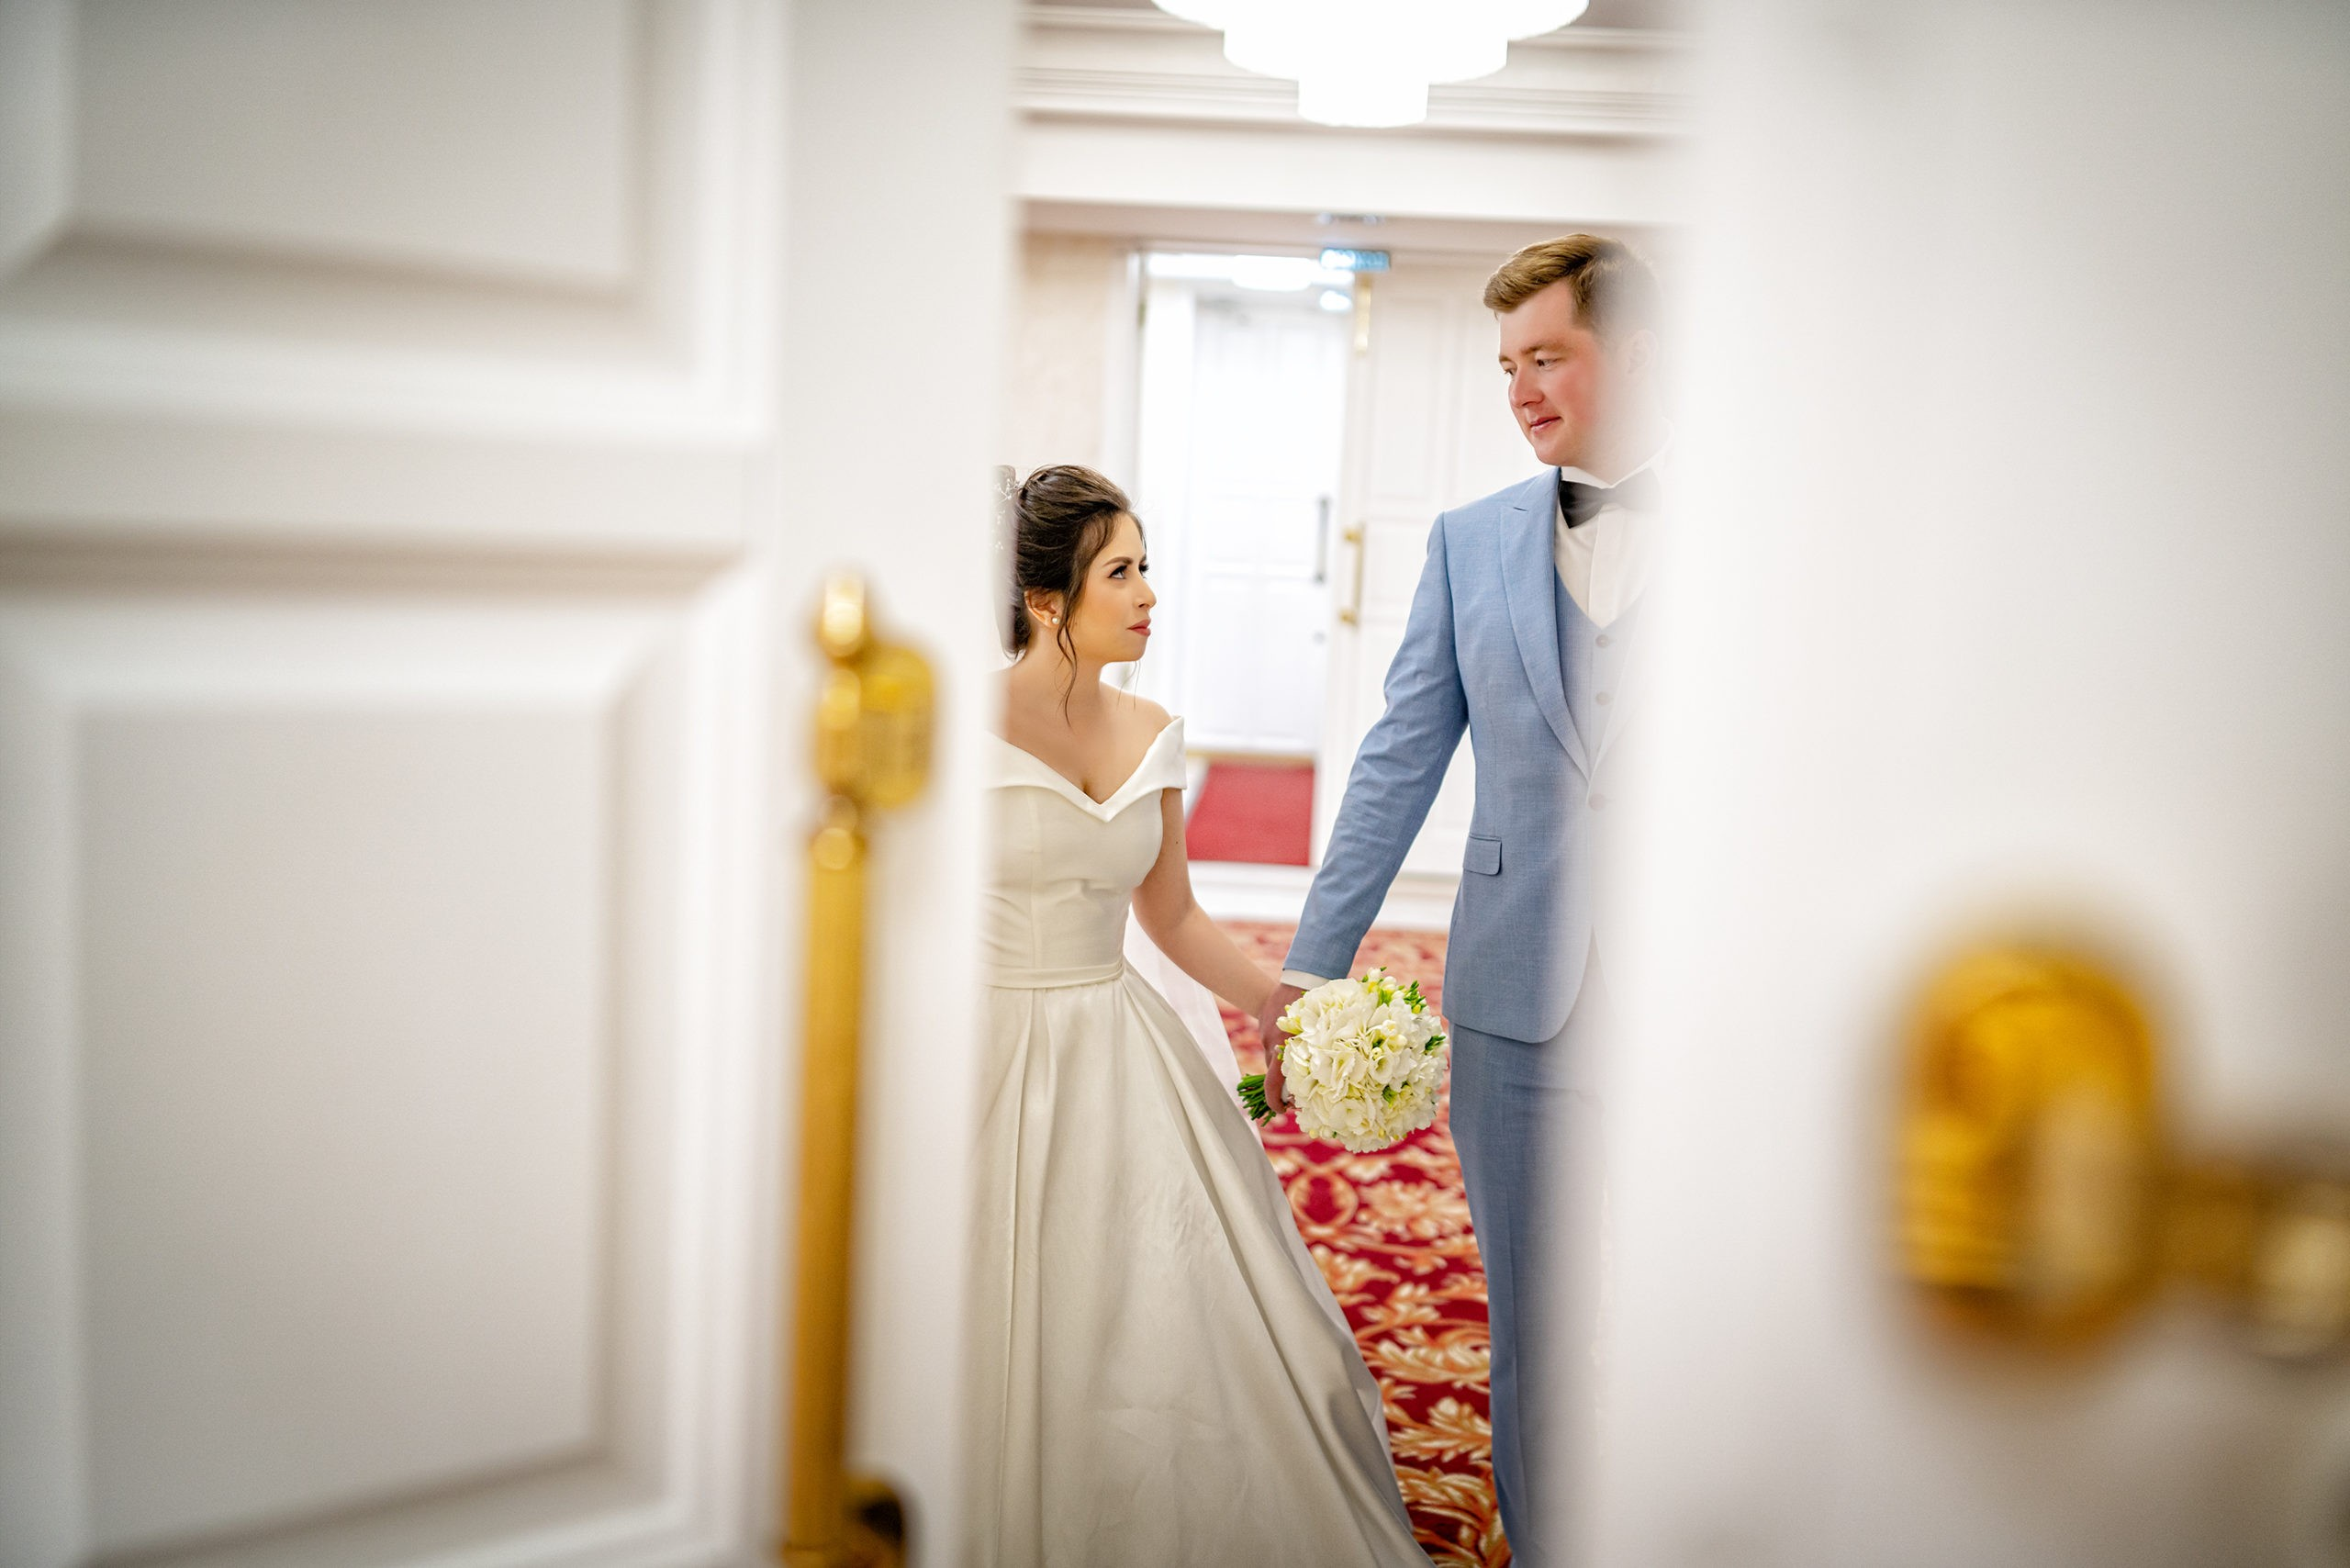 Cвадебная фотосъемка в ЗАГСе вход в Екатерининский Зал Краснодар большой зал от свадебного фотографа